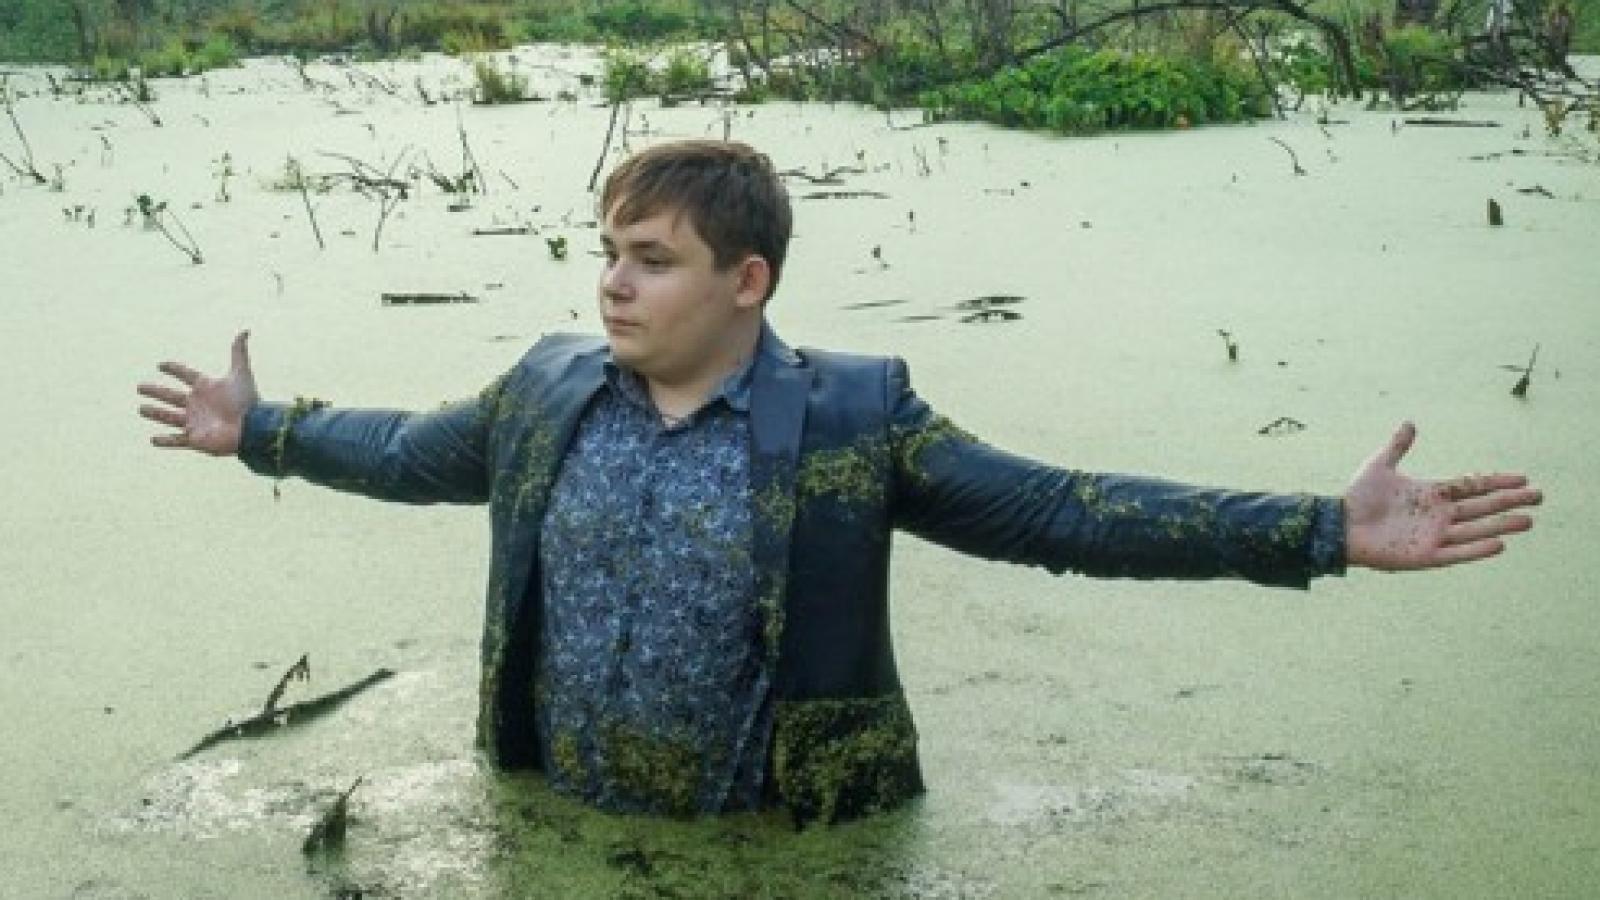 два брата сделали фотосессию в болоте хорошо